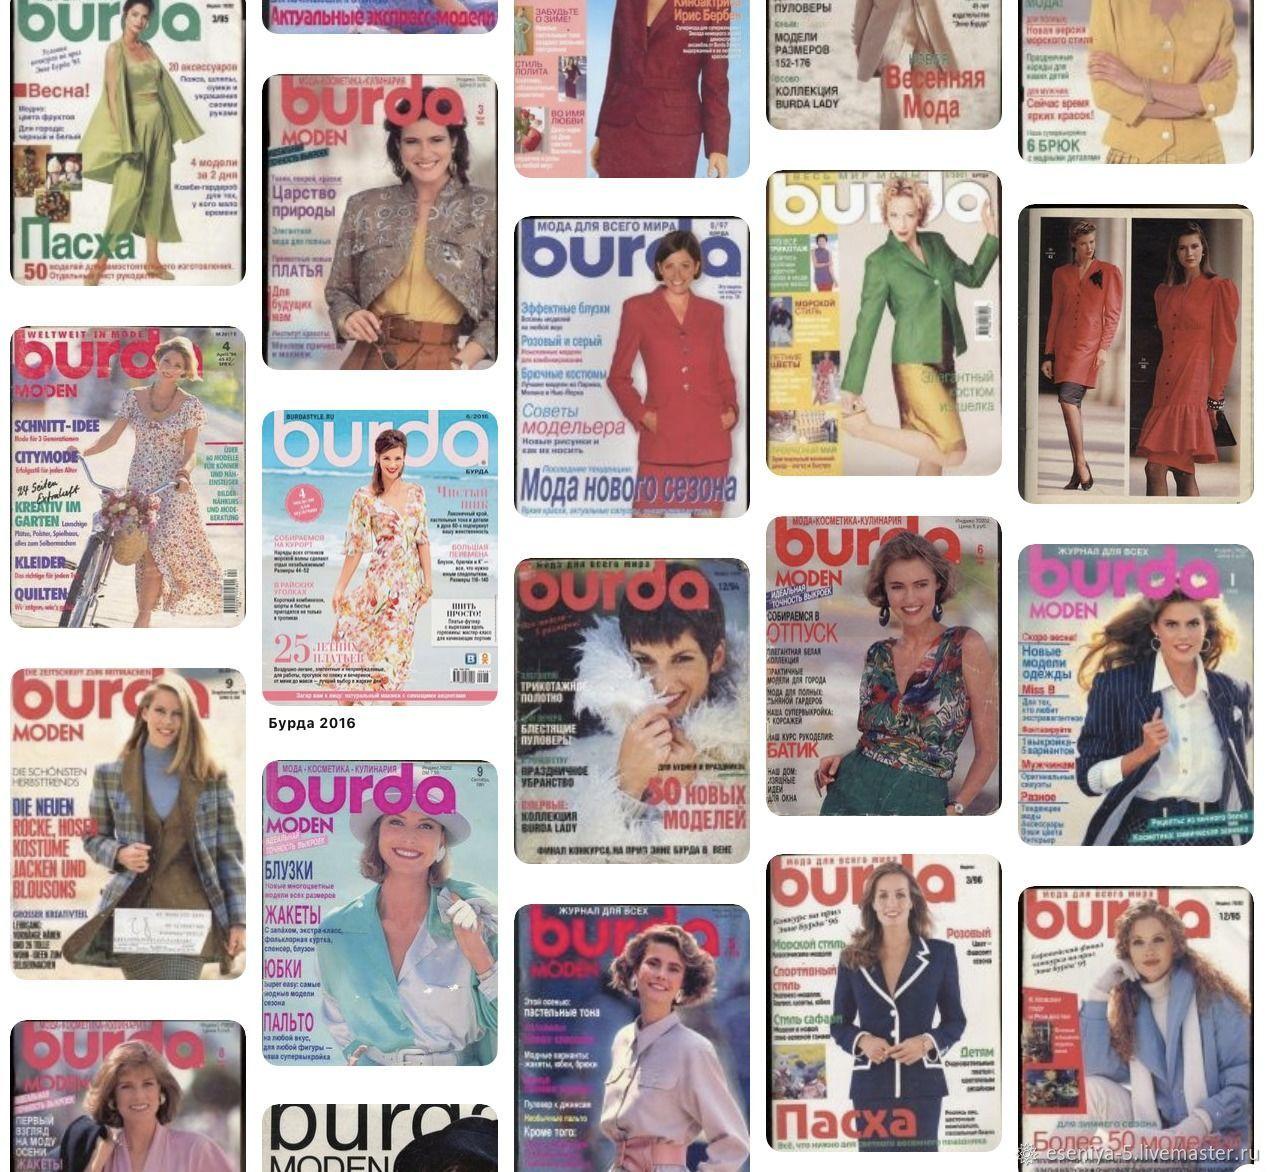 Журналы Burda Moden разных годов 1988-2010, Выкройки для шитья, Москва,  Фото №1